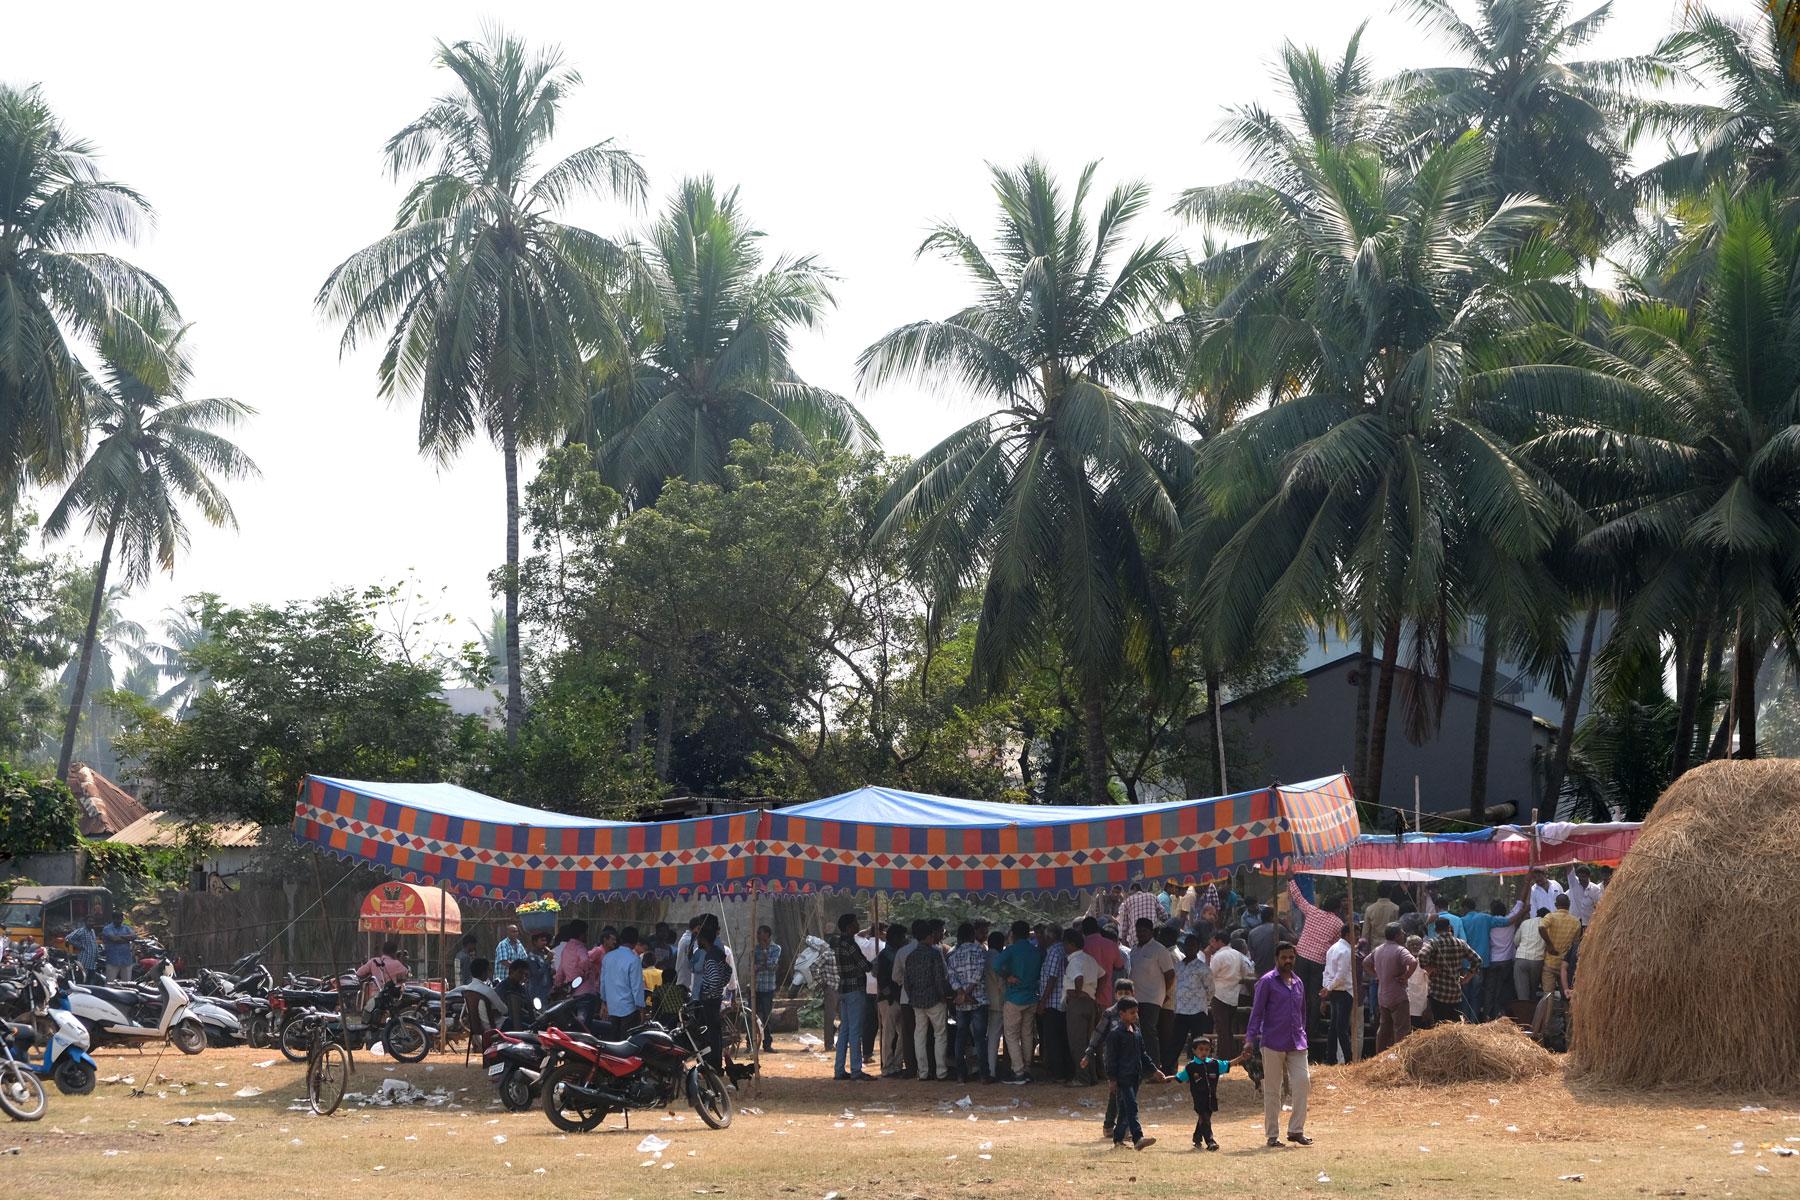 Menschen stehen unter einem bunten Plane und feiern das Sankranthi Festival.